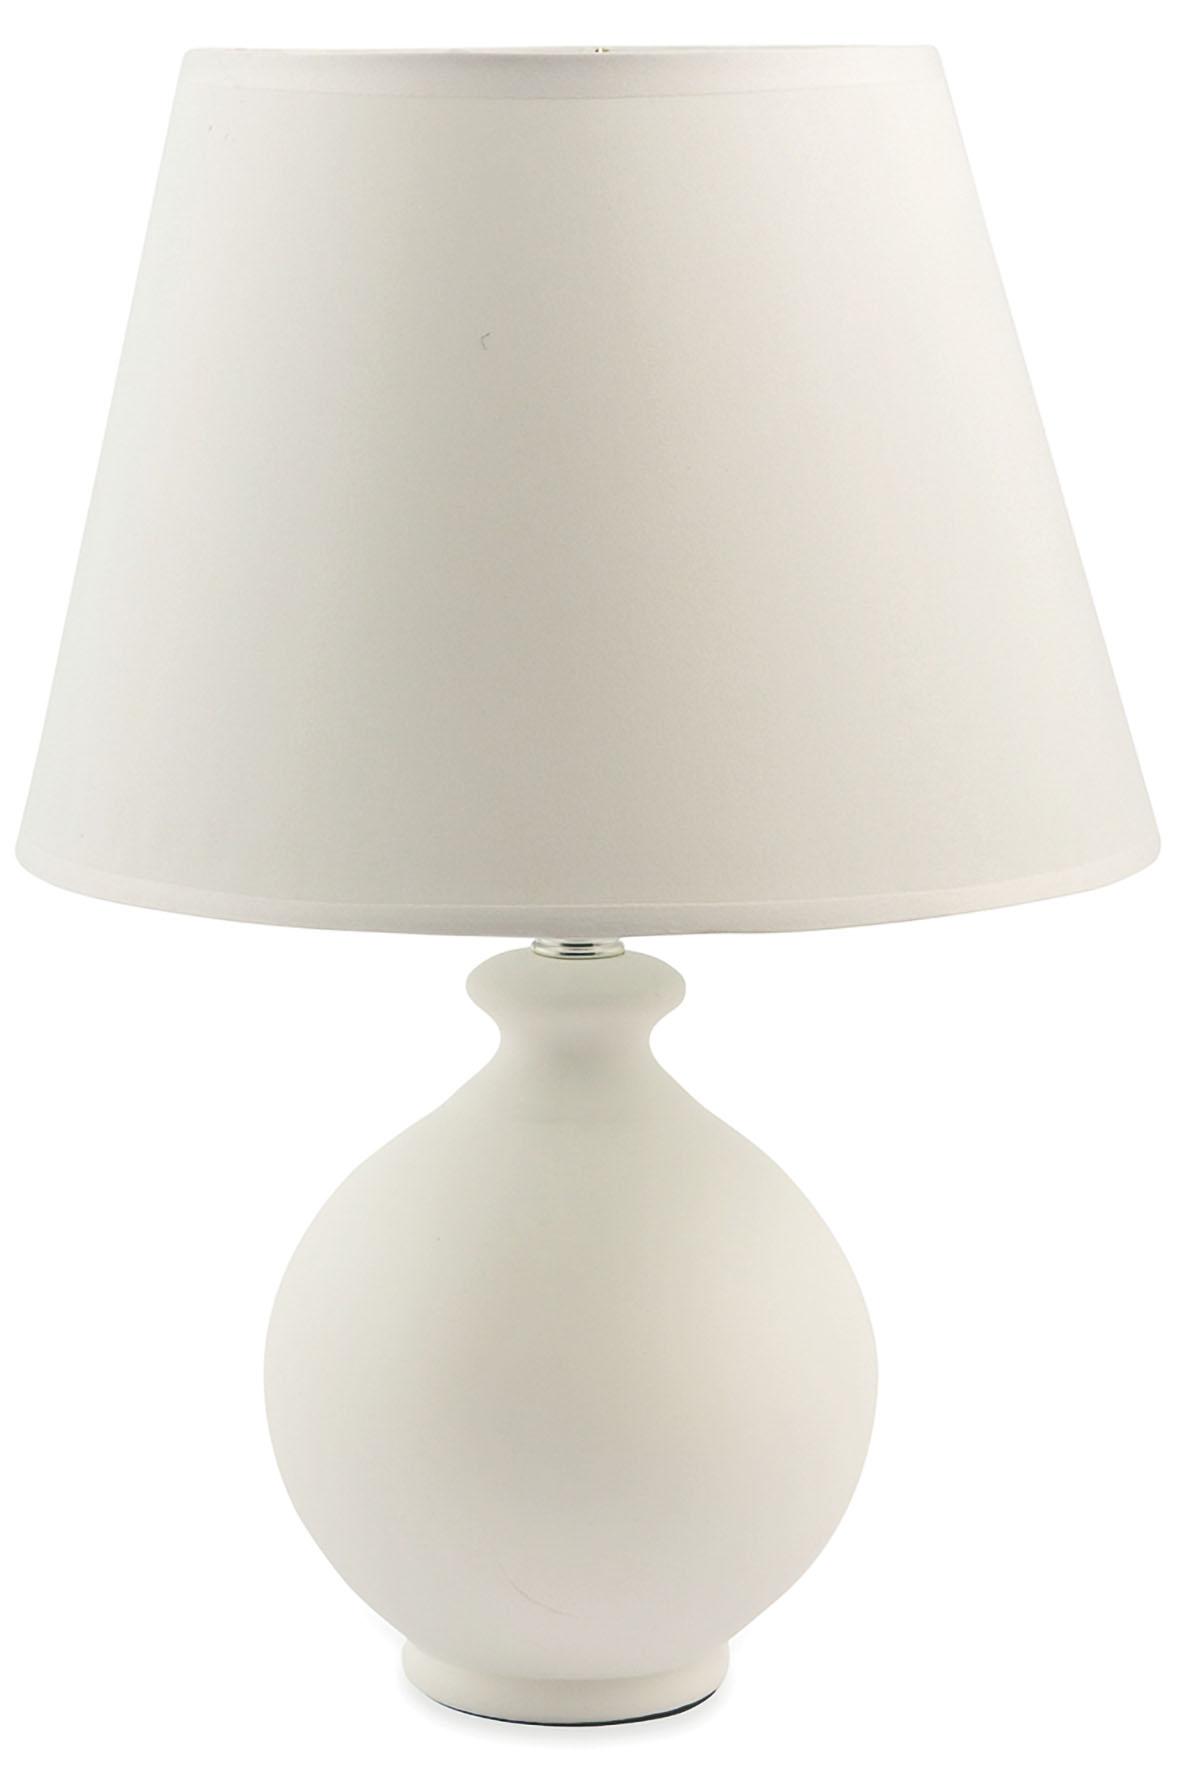 LAMPADA BASE ROTONDA BIANCA